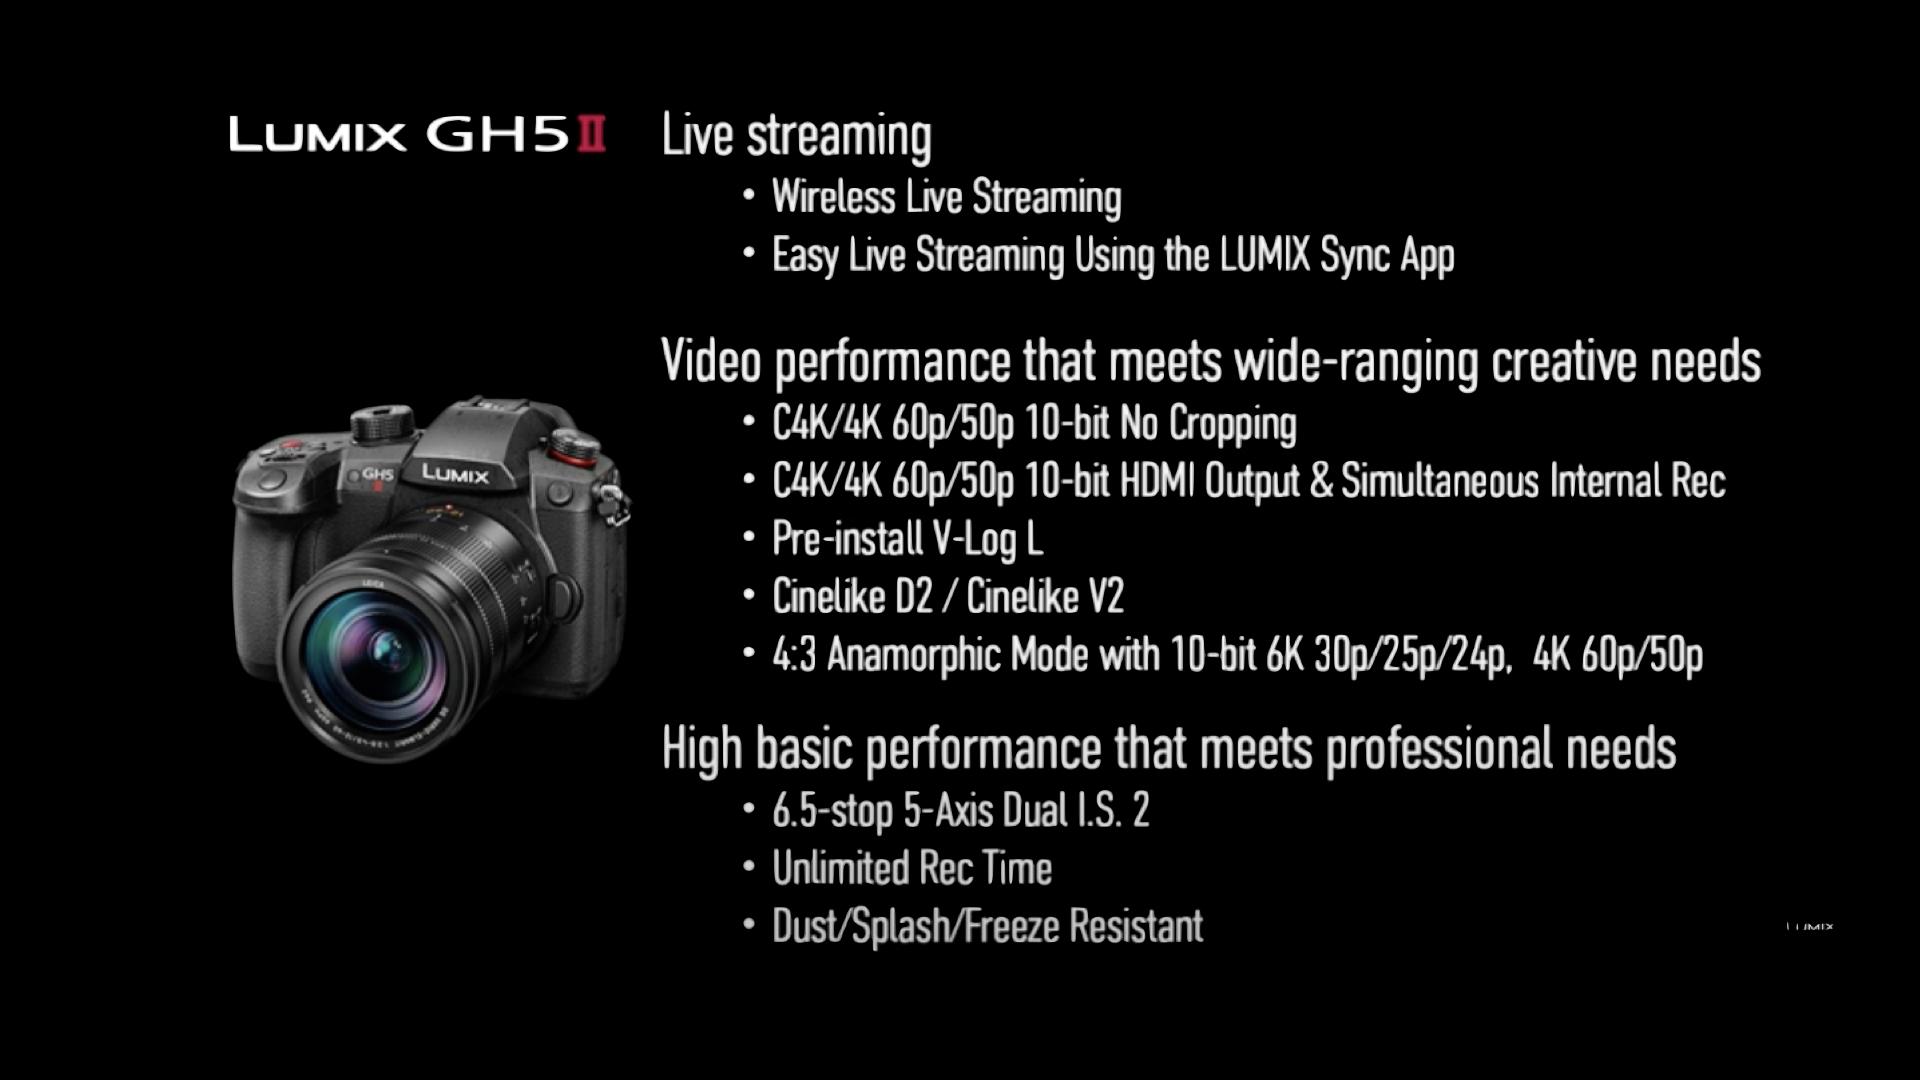 Les principales performances du nouveau Panasonic Lumix GH5 M2